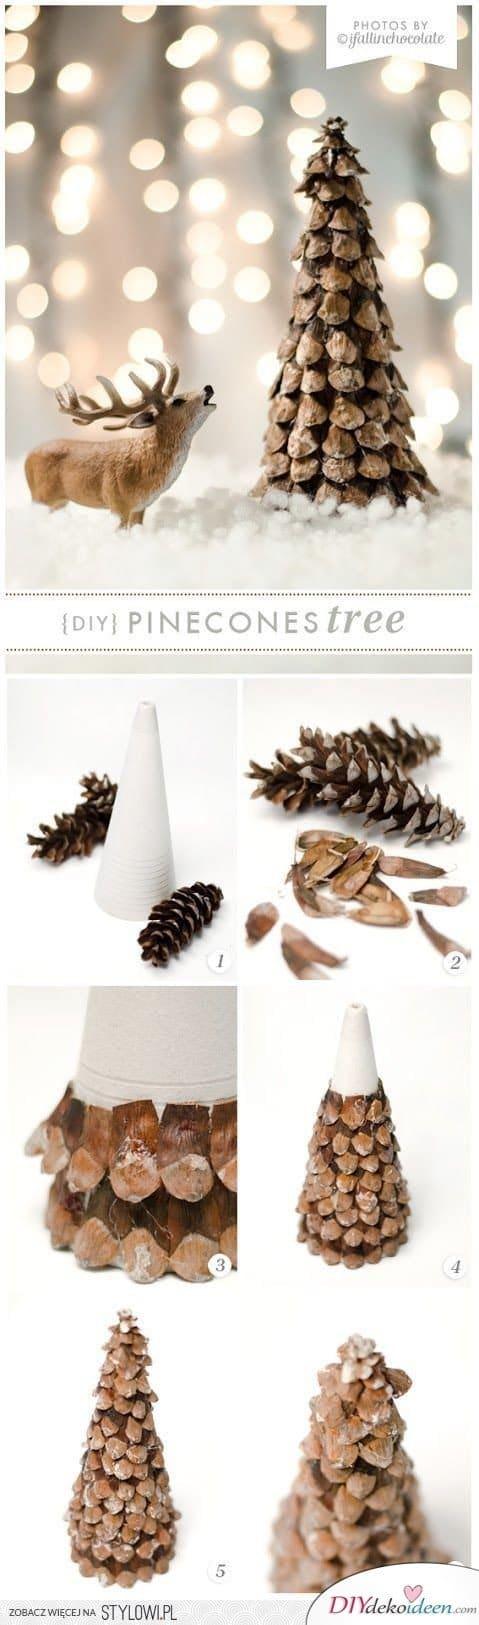 Zu Weihnachten basteln - DIY Bastelideen - Weihnachtsbaum basteln